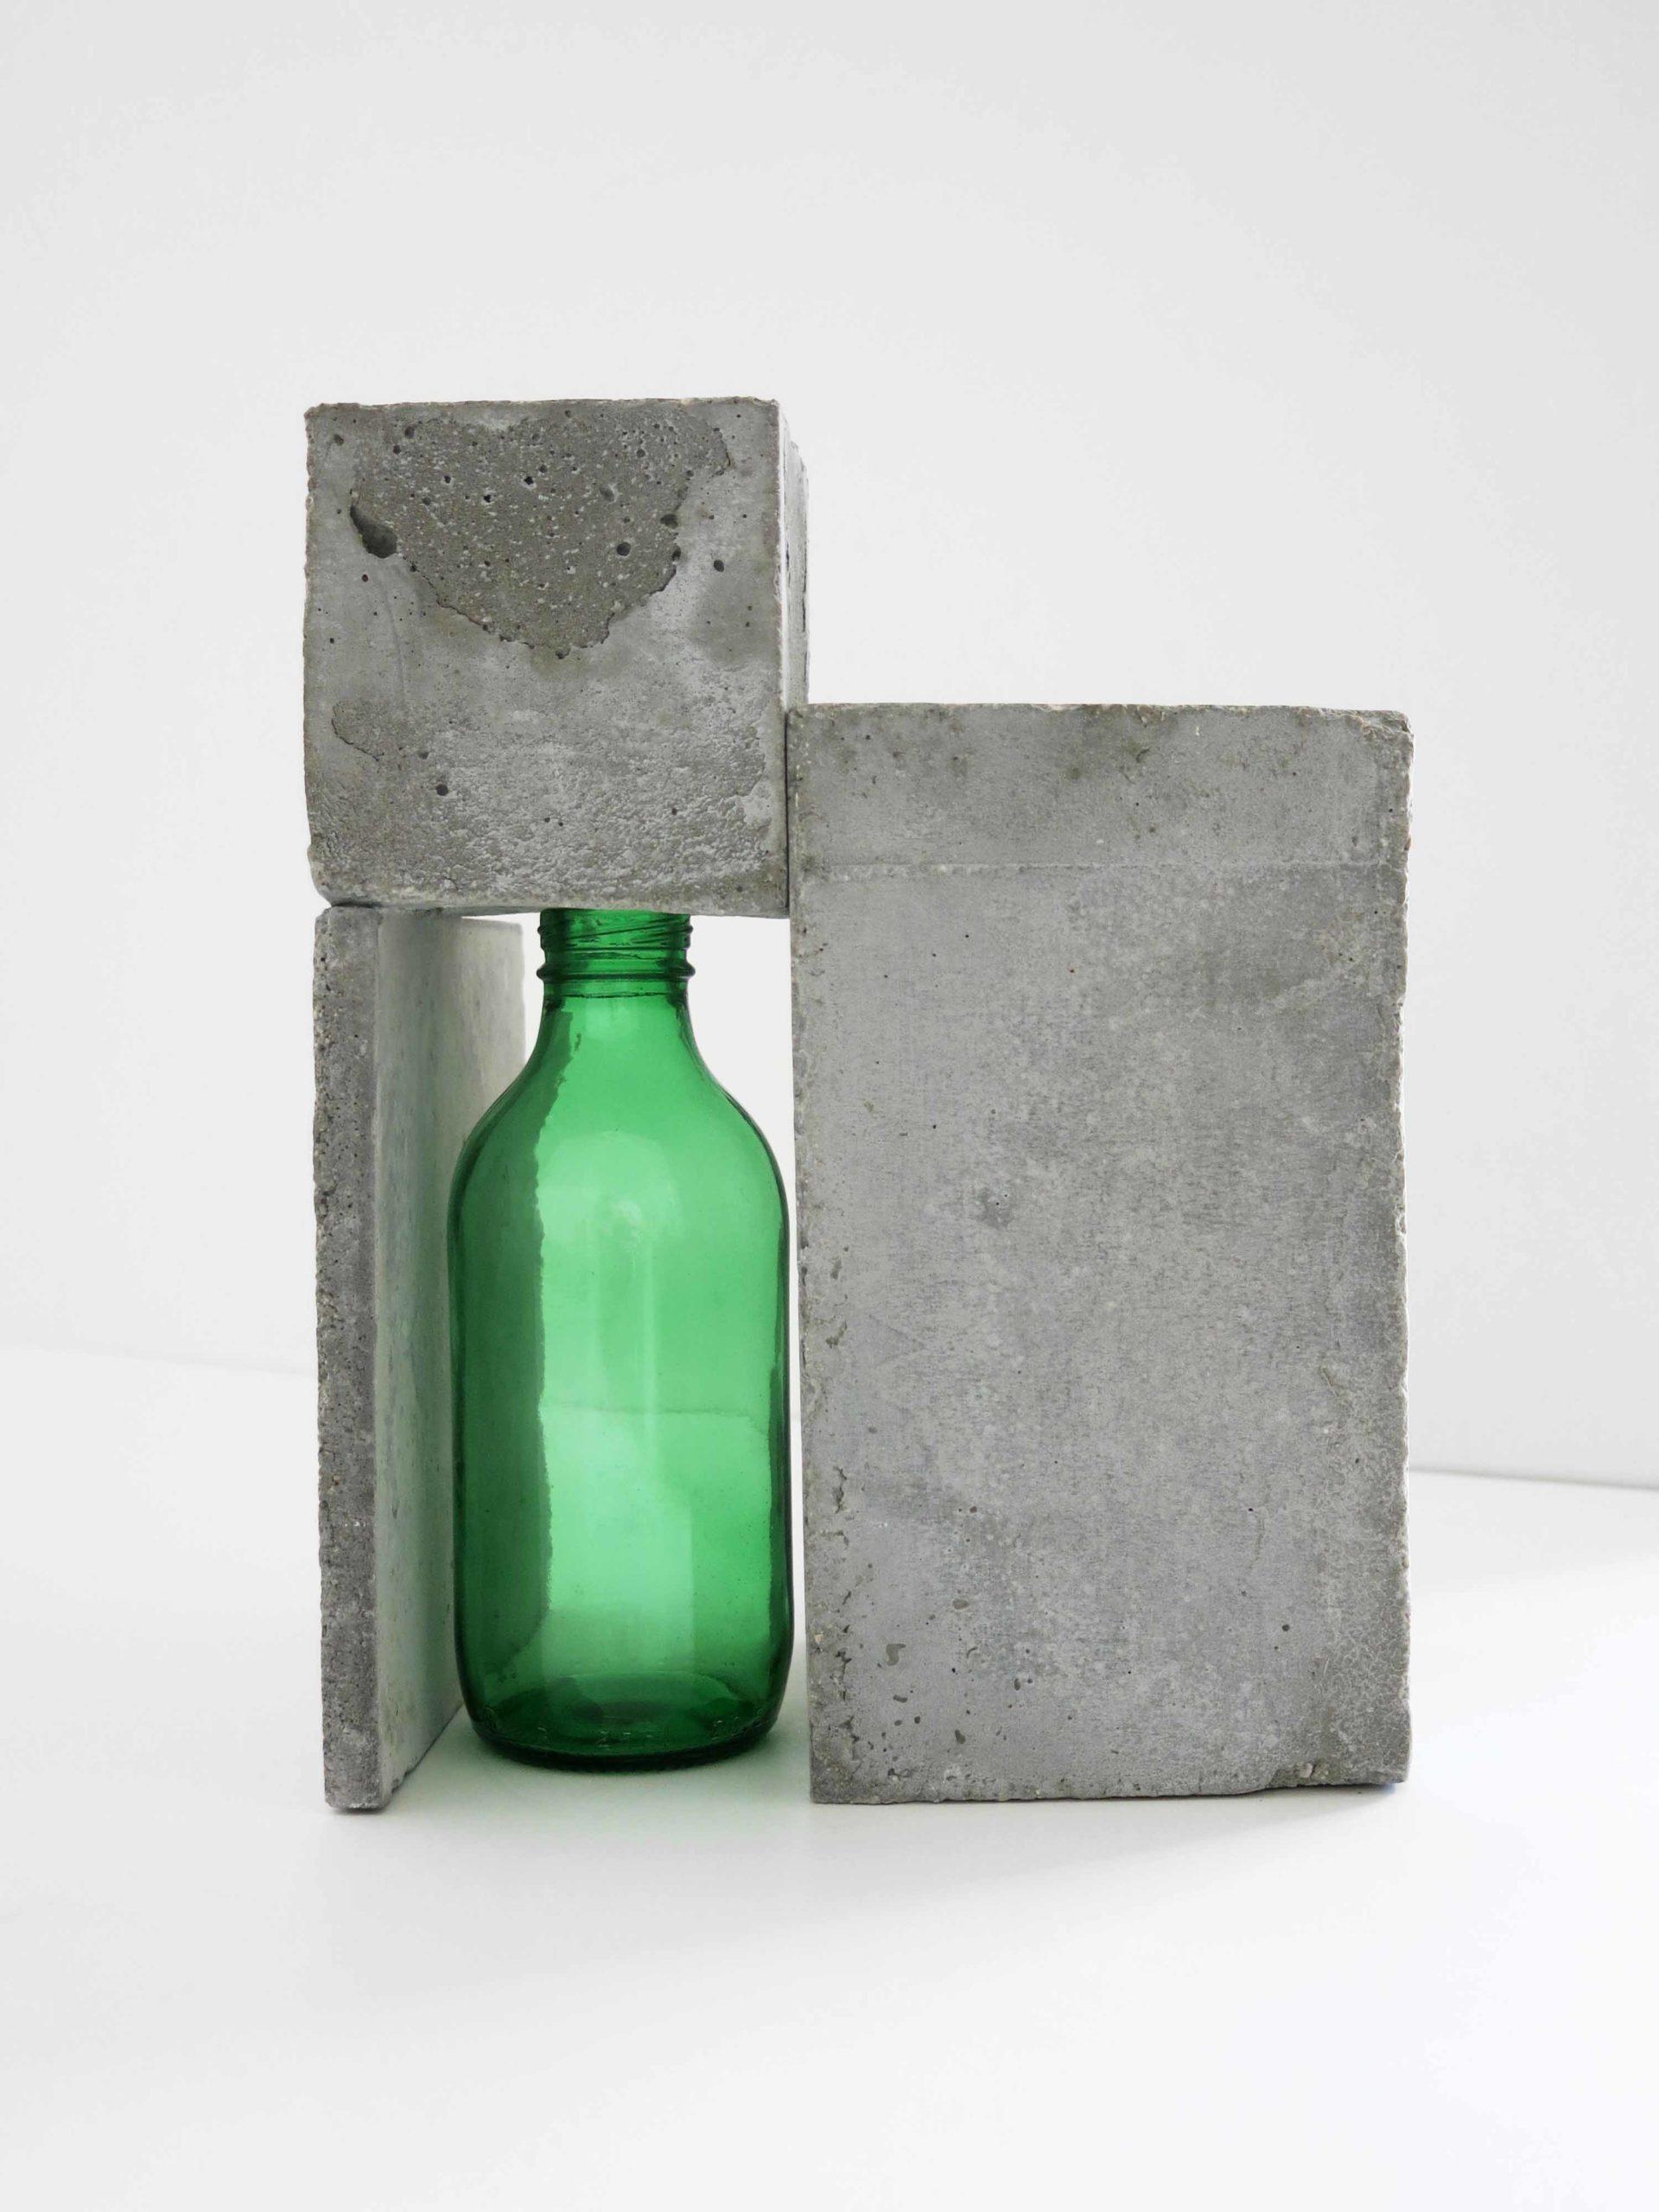 costruzione con blocchi in cemento e bottiglia verde